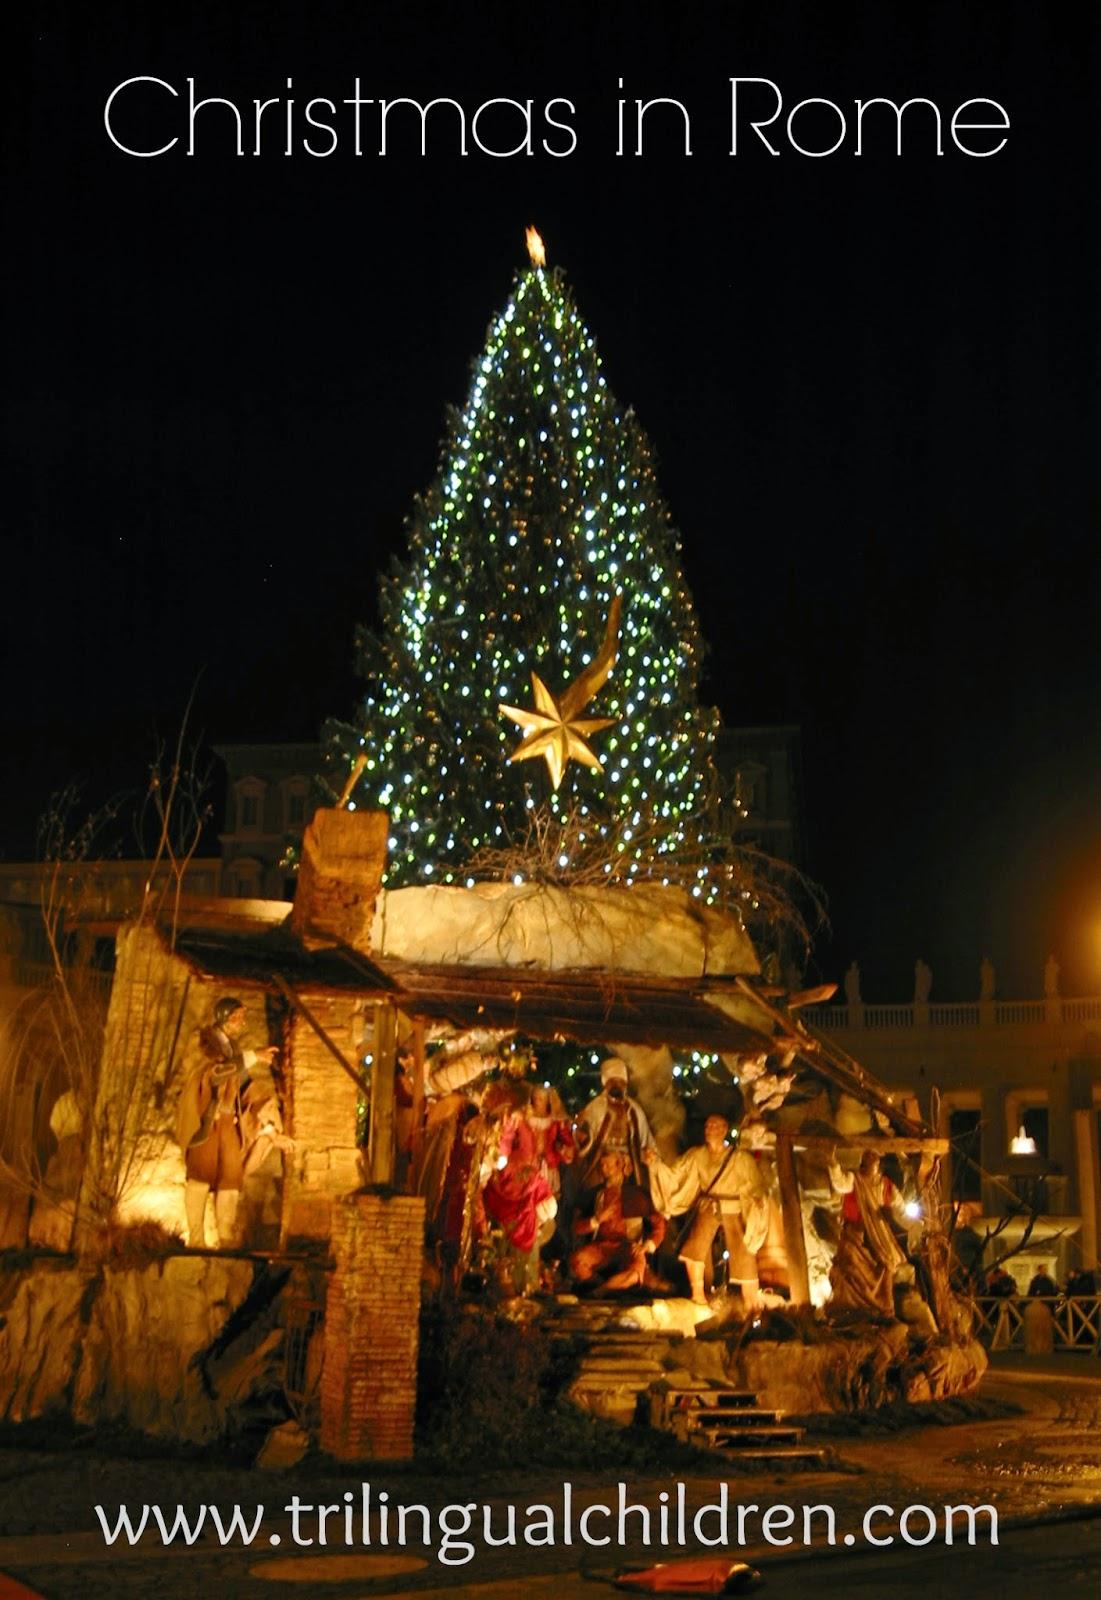 Presepio - nativity scene Rome Italy